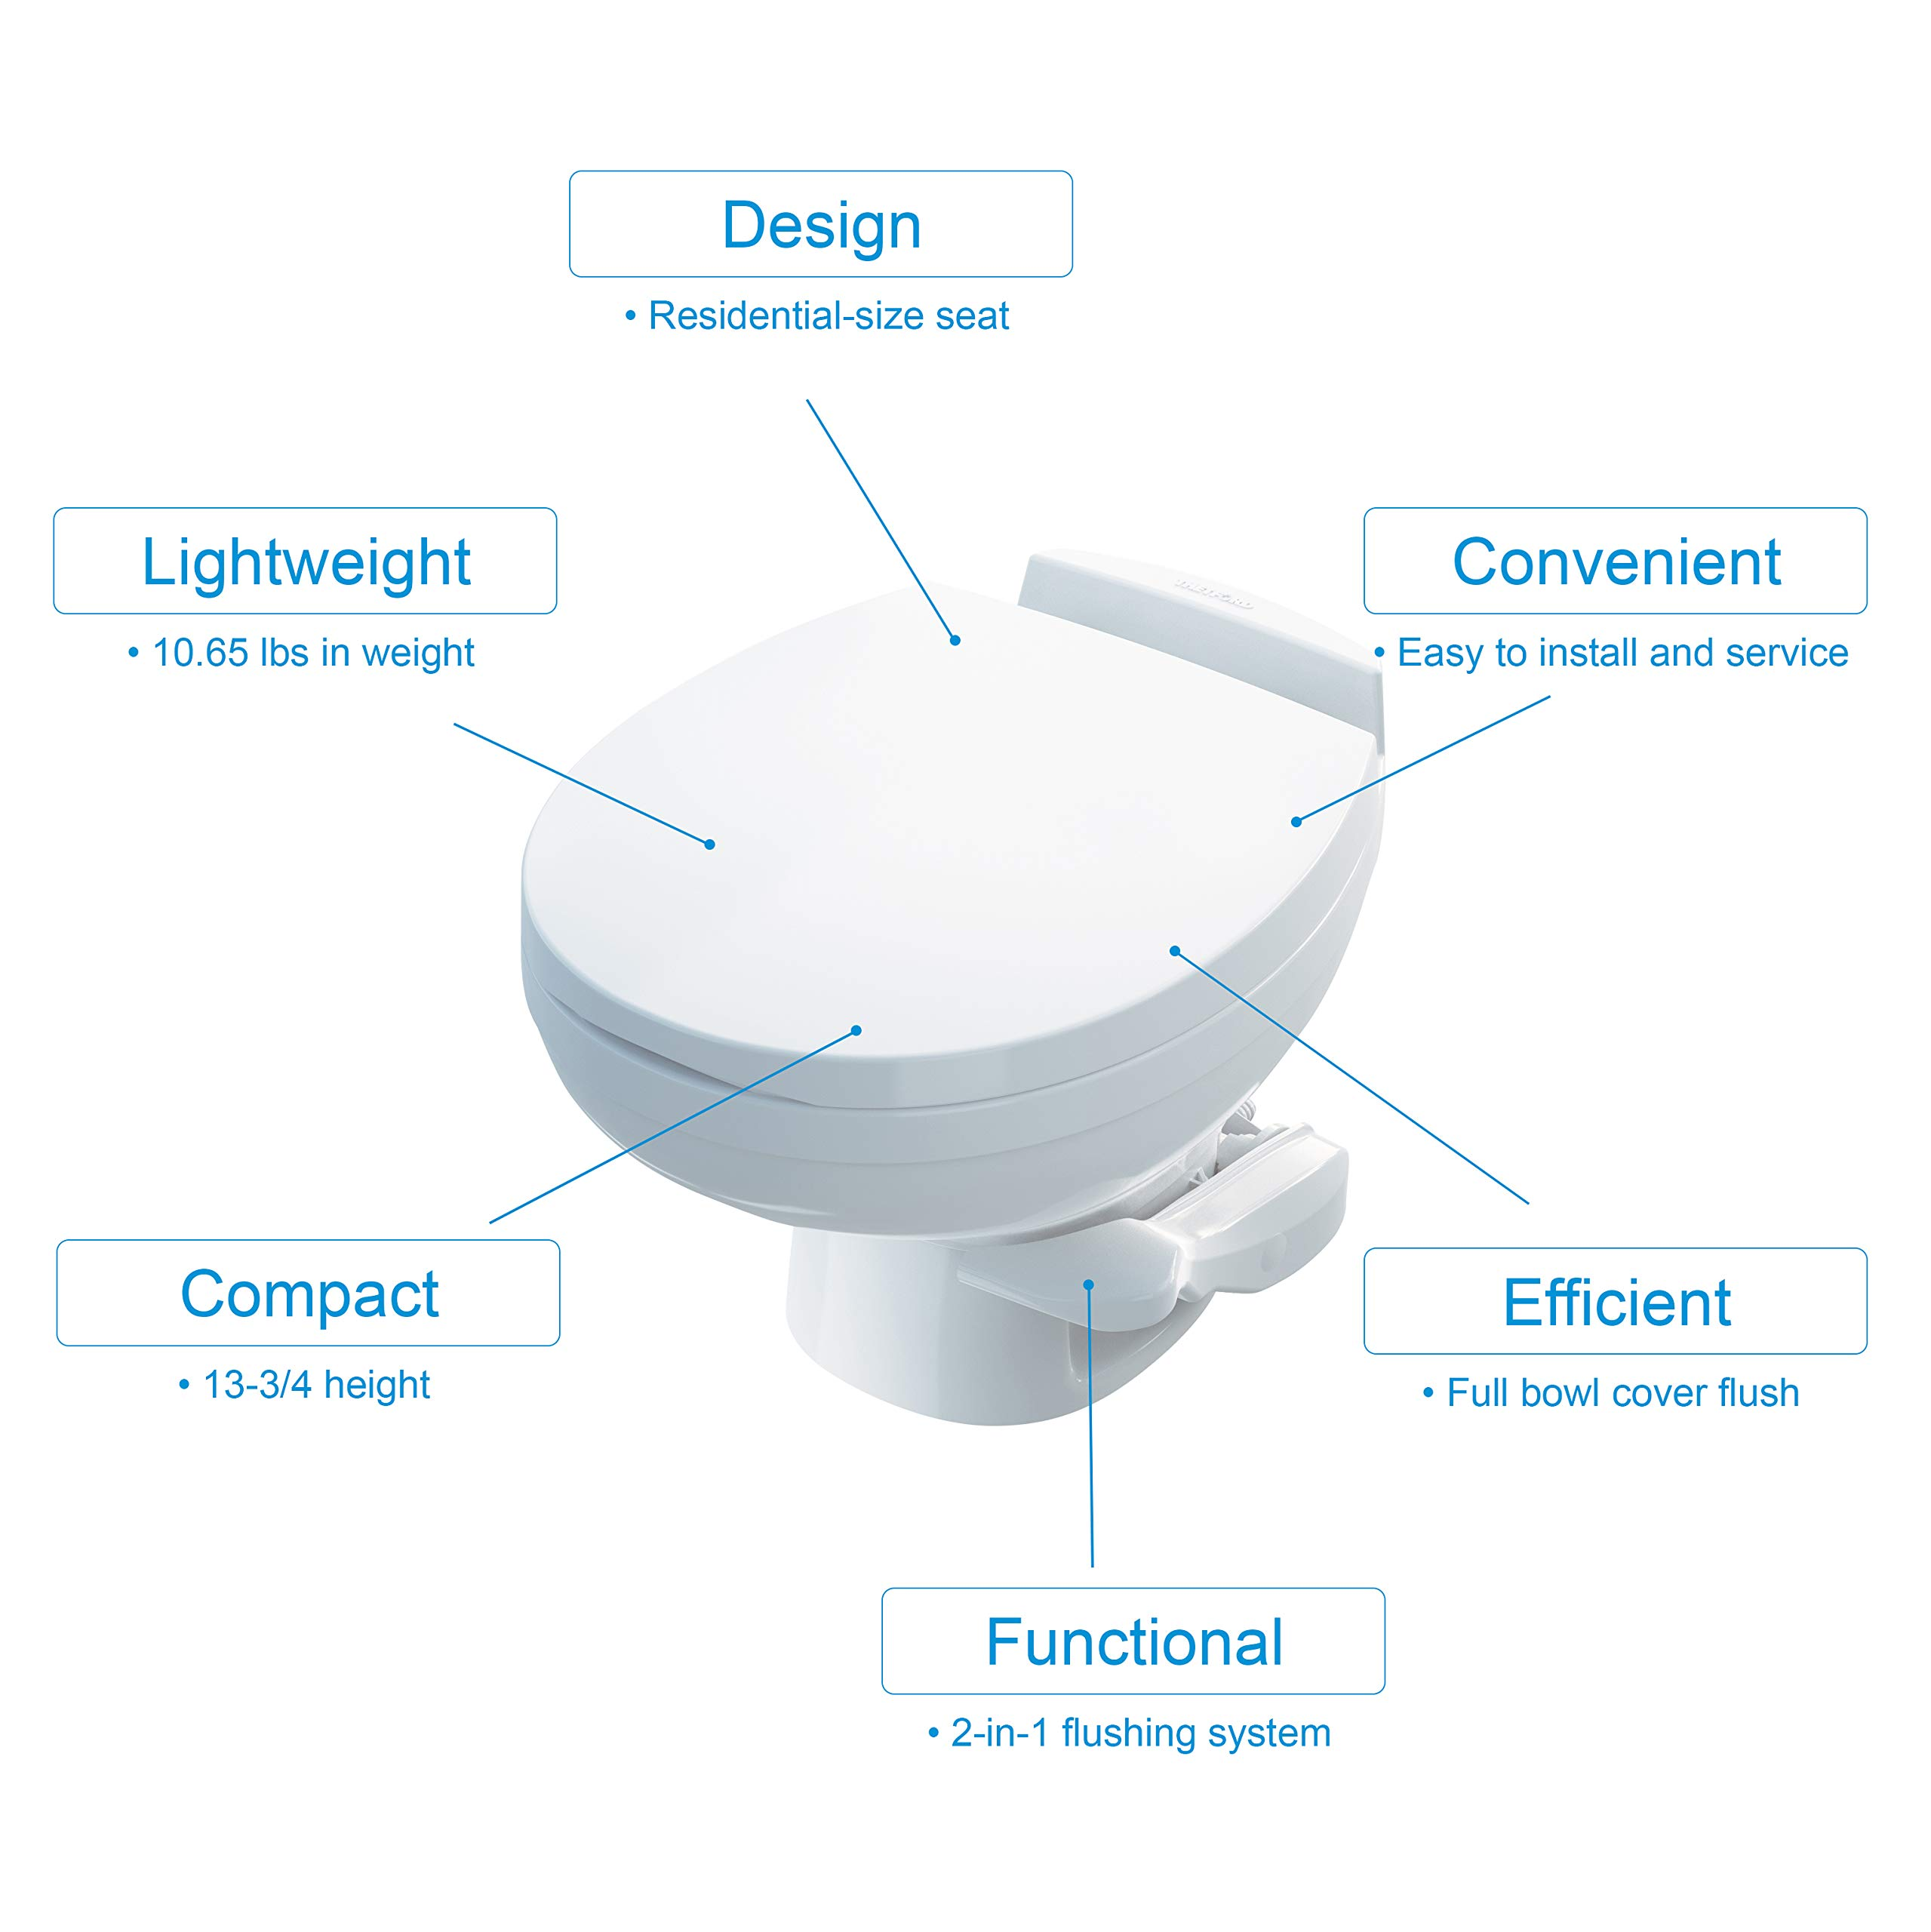 Thetford 42170 Aqua-Magic Residence RV Toilet-Low Profile, White by Thetford (Image #1)